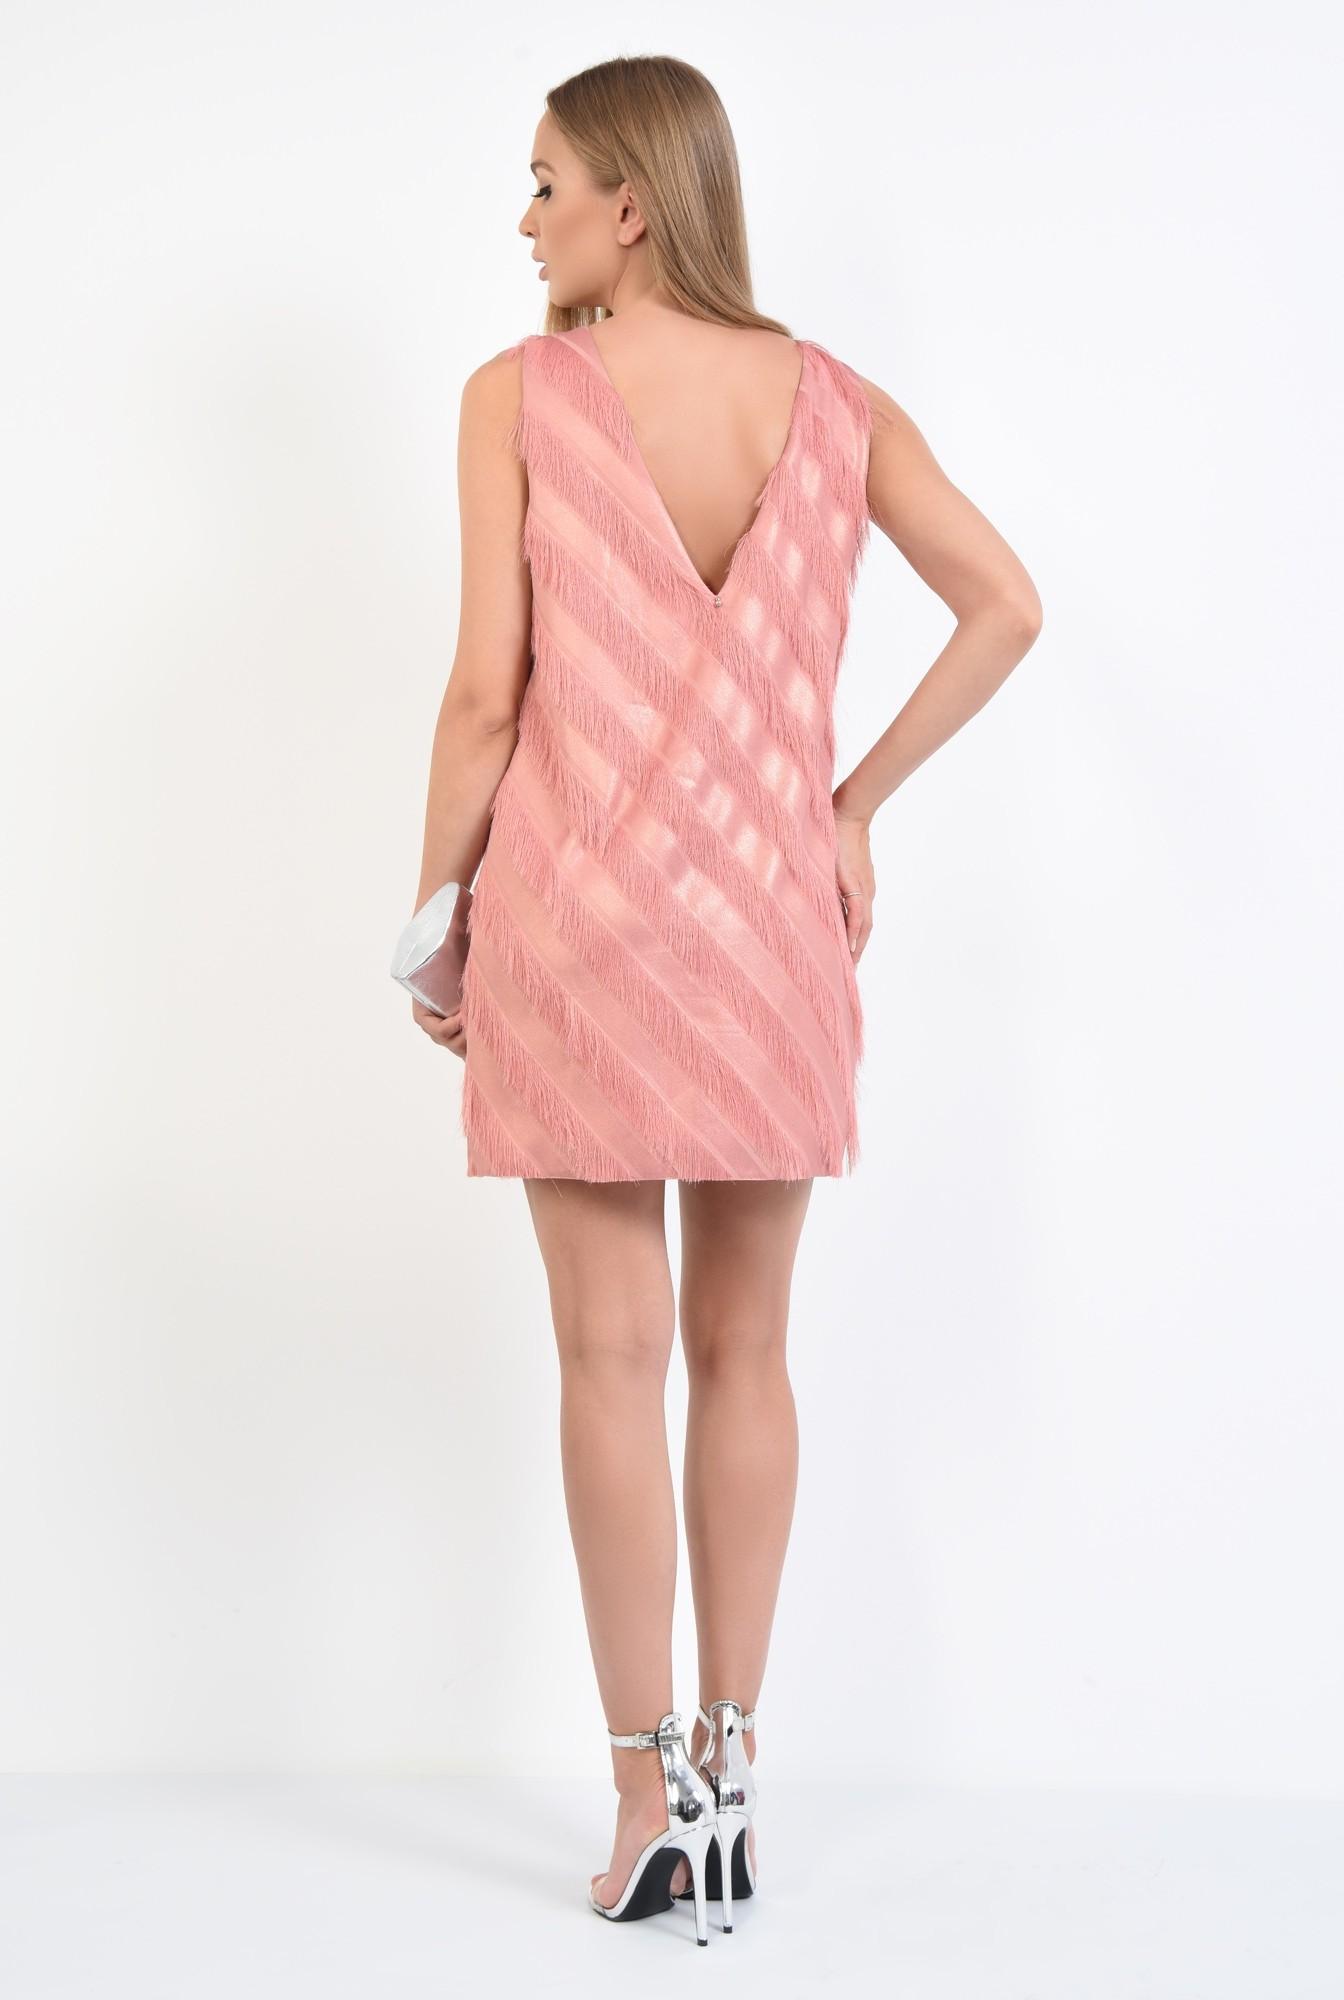 1 - rochie de seara, scurta, cu franjuri, peach